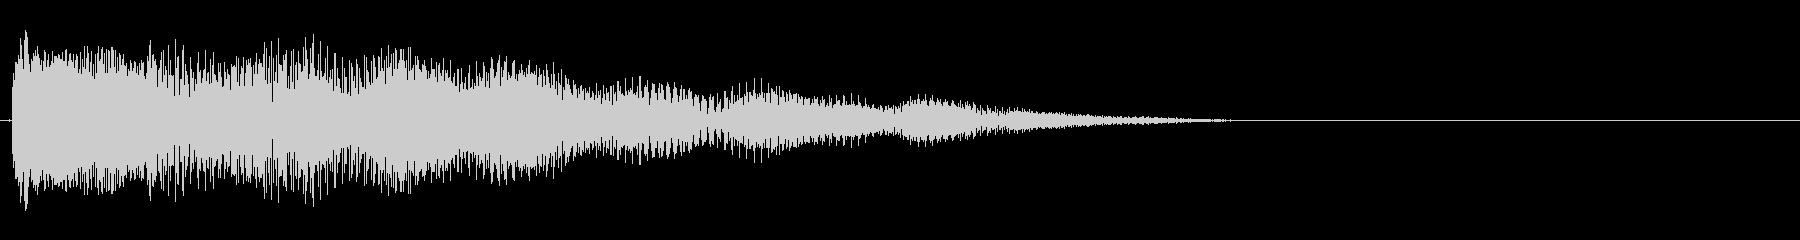 強化されたプラクテッドシンセアクセント8の未再生の波形